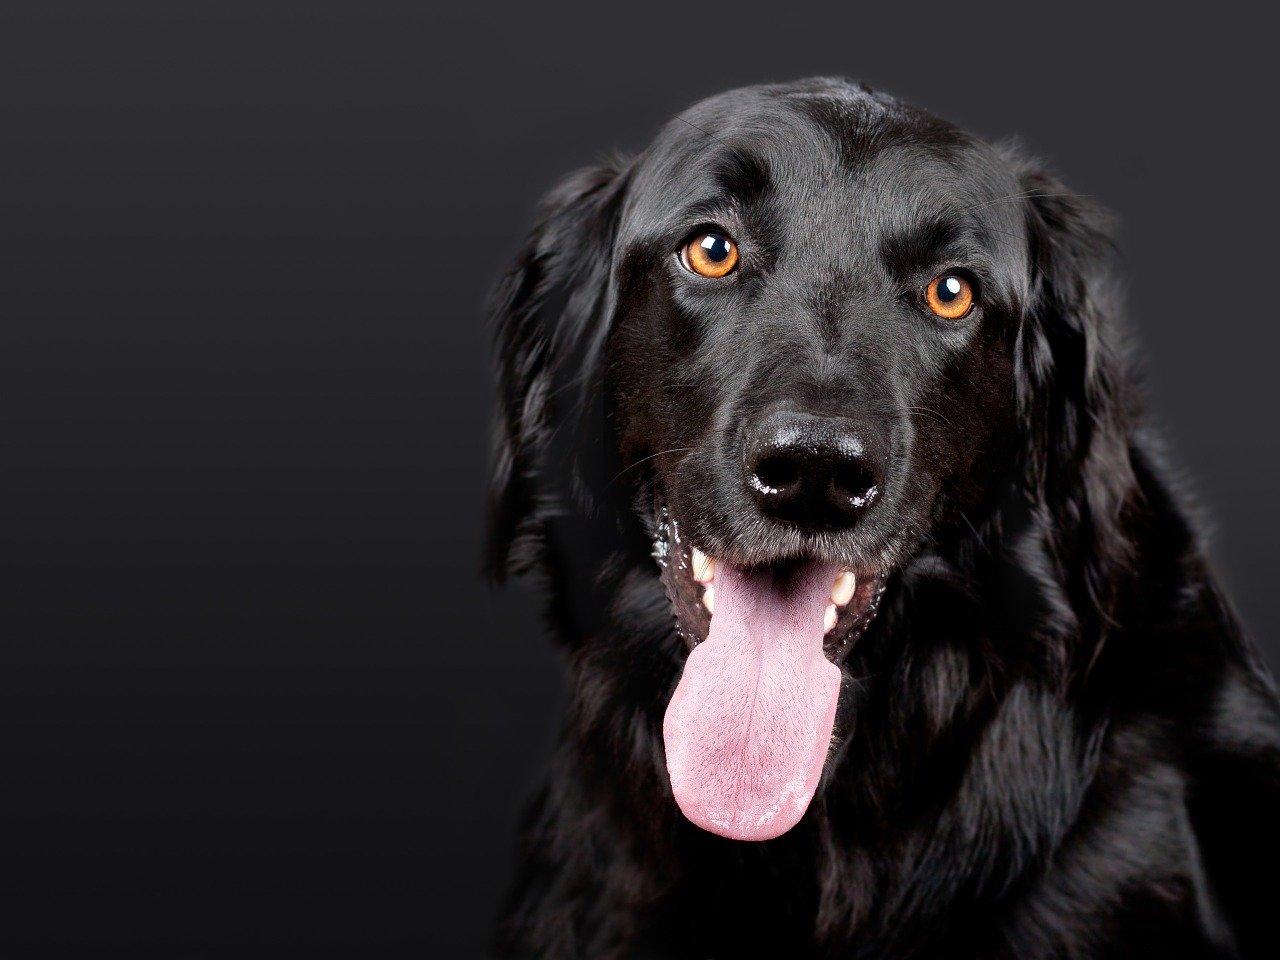 舌を出している黒い犬